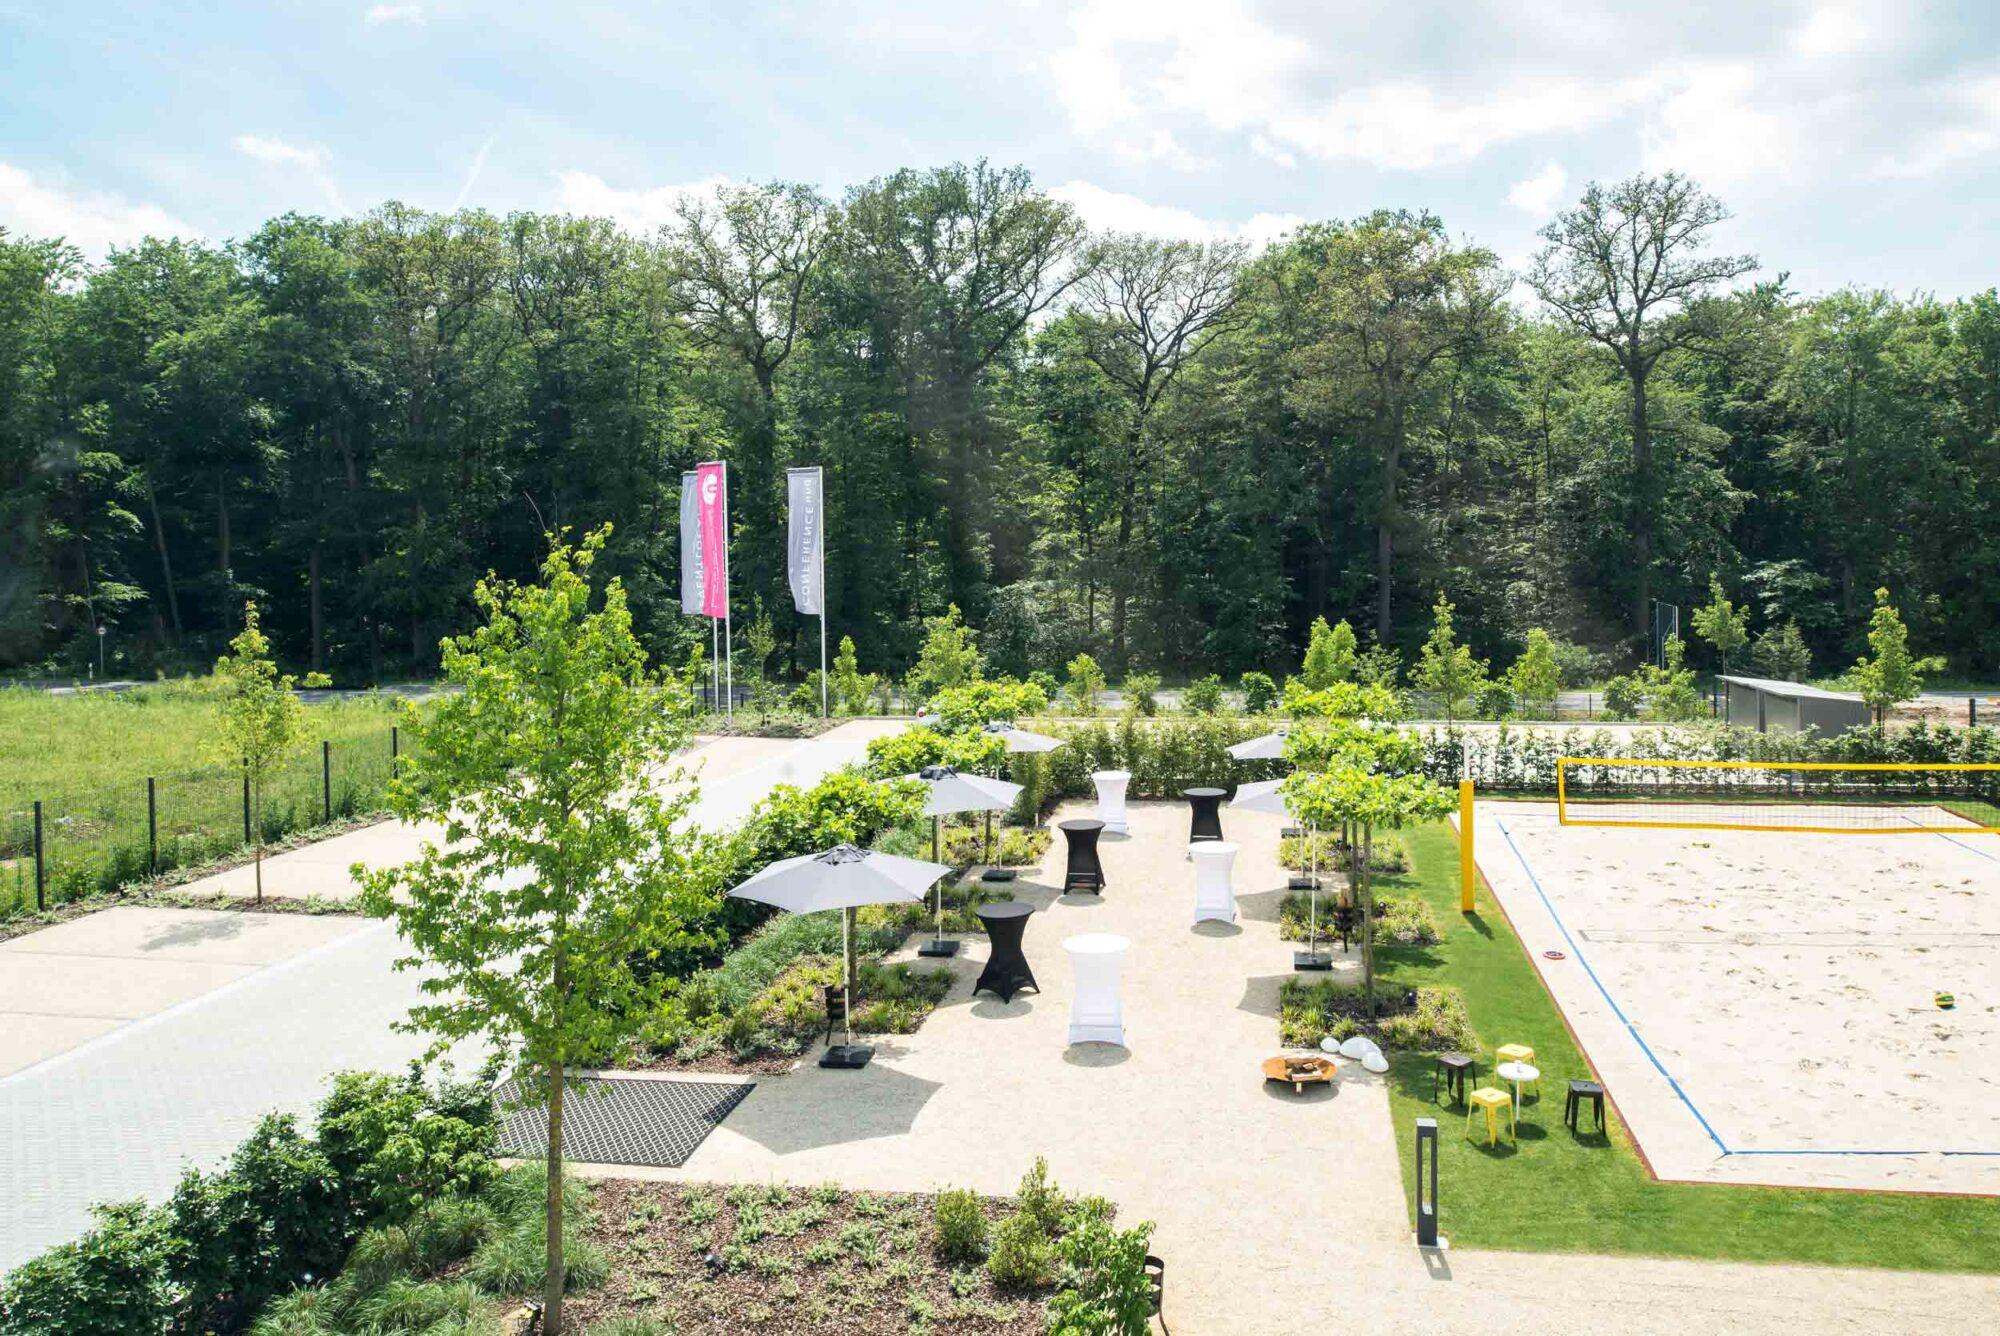 PERCUMA Garten mit Beachvolleyballfeld